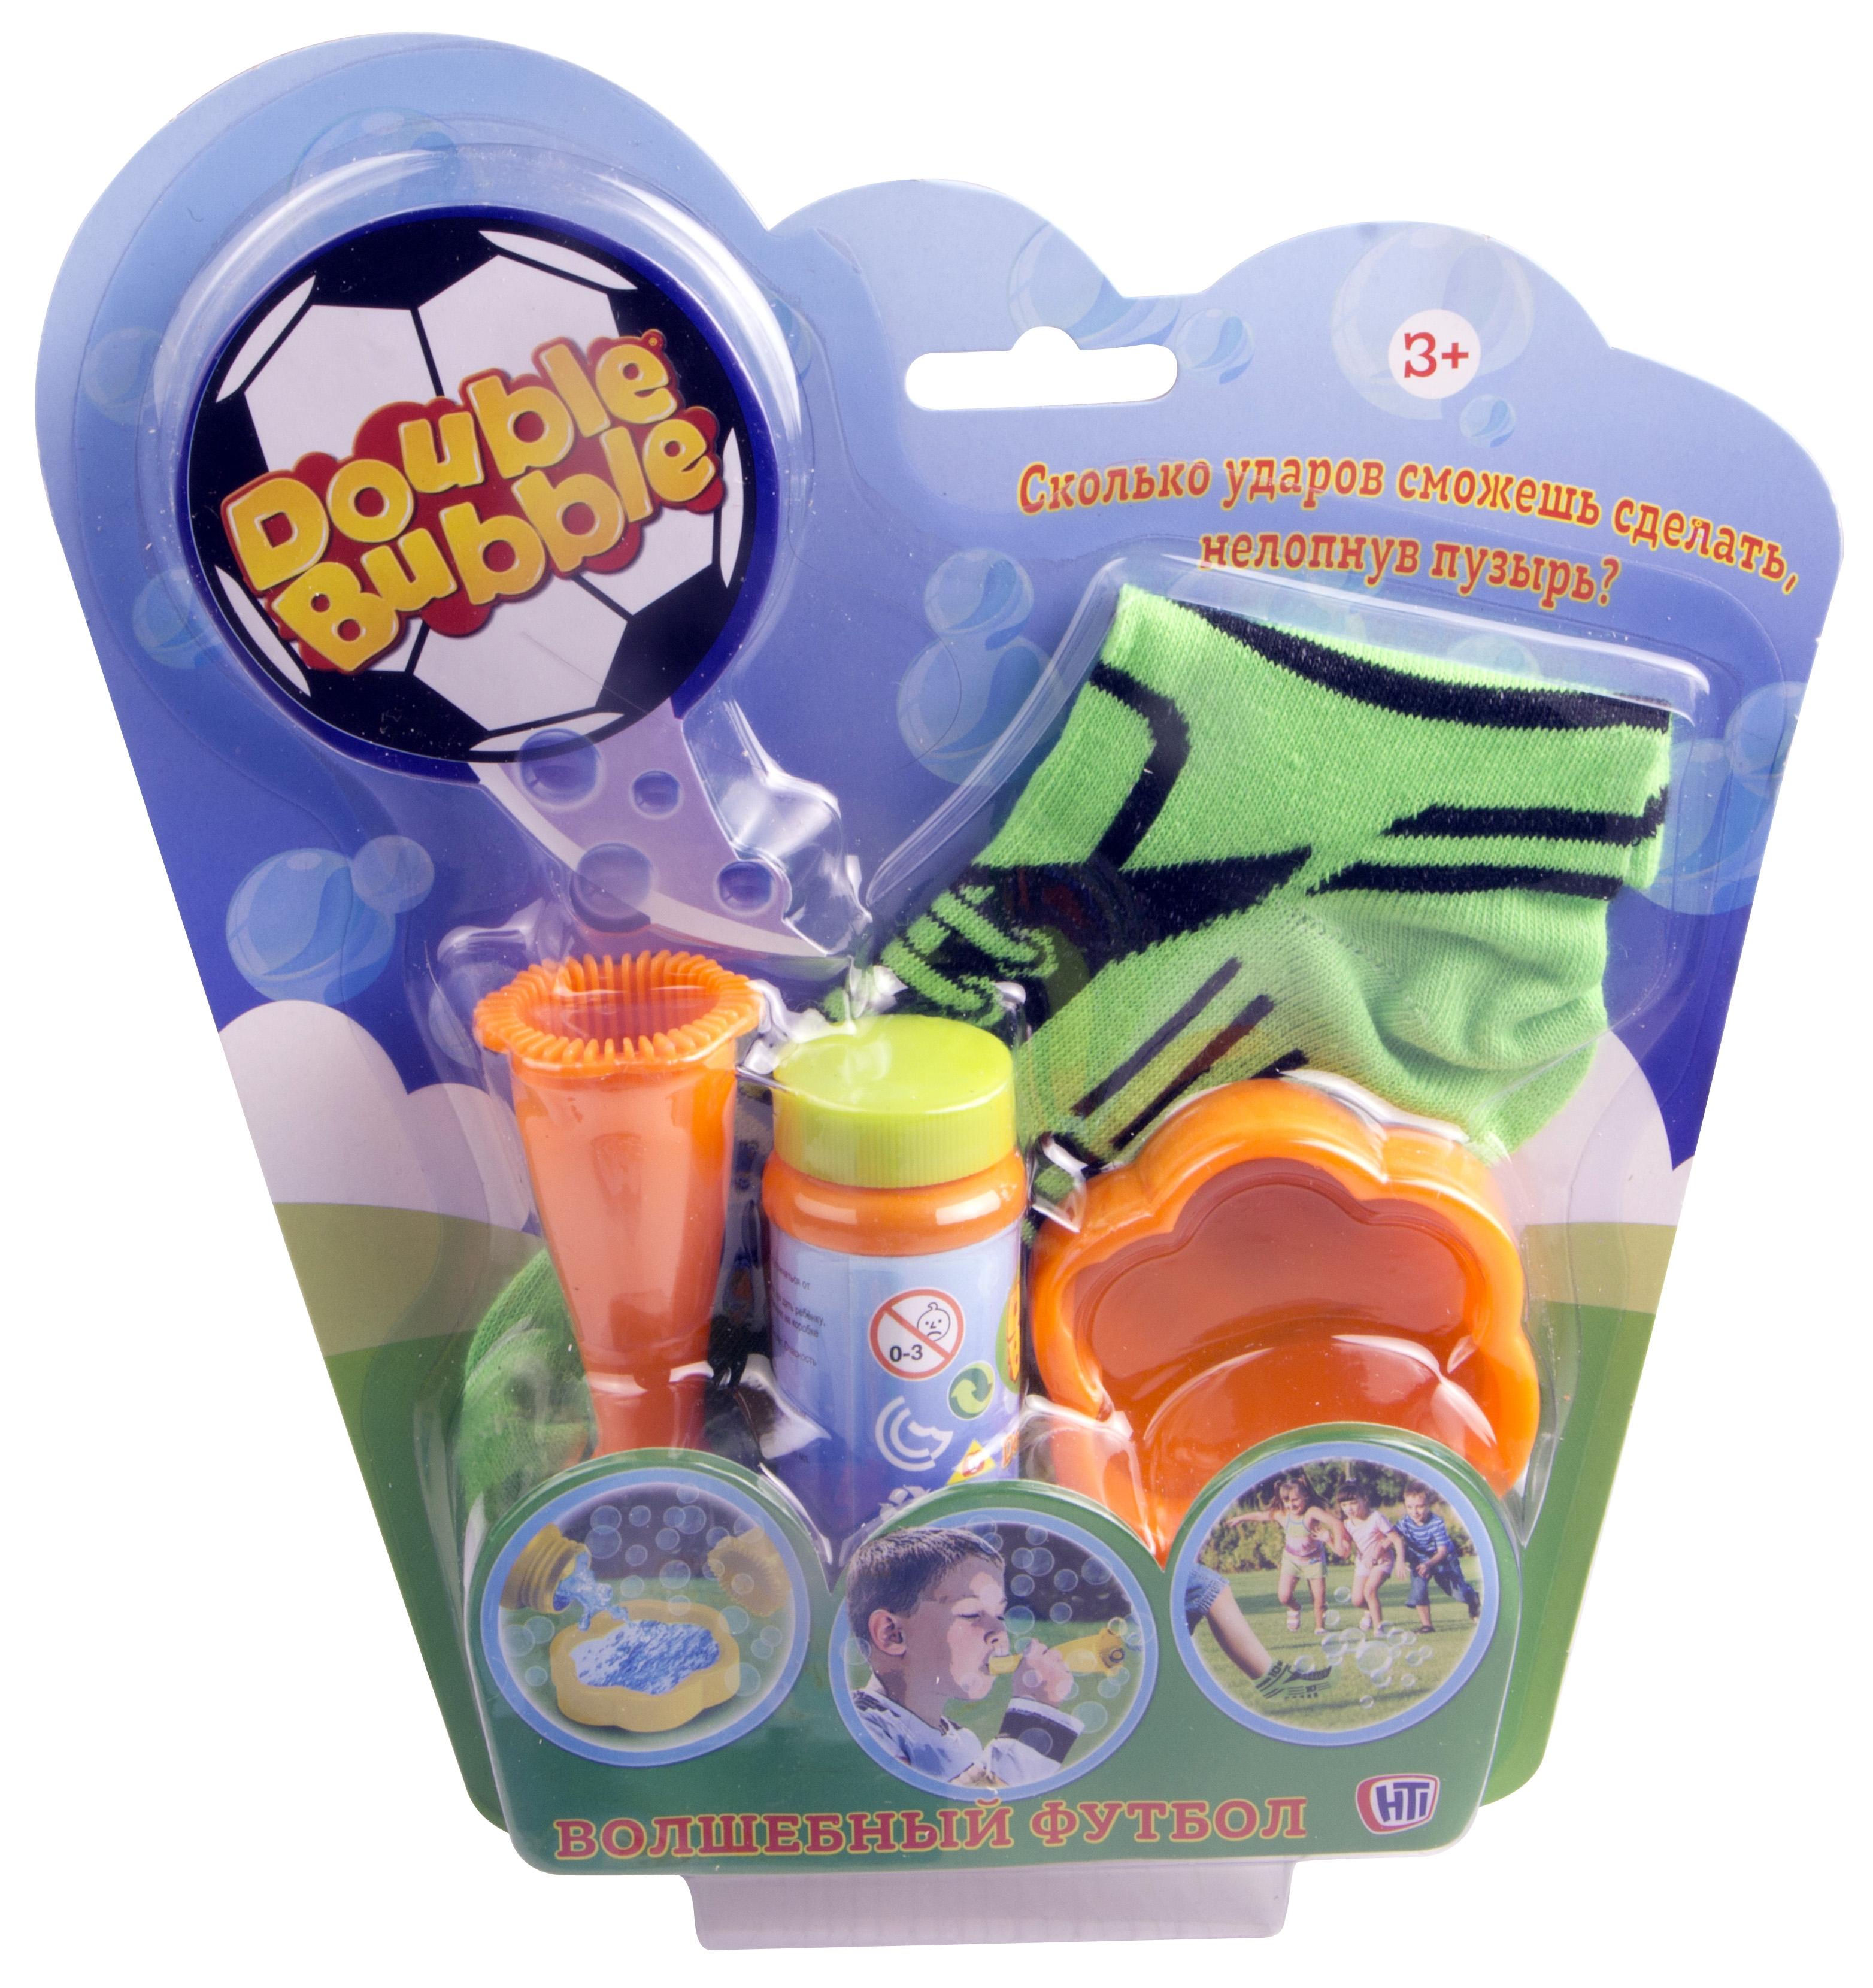 Набор для пускания мыльных пузырей HTI Волшебный футбол hti набор для пускания мыльных пузырей с бутылочкой hti